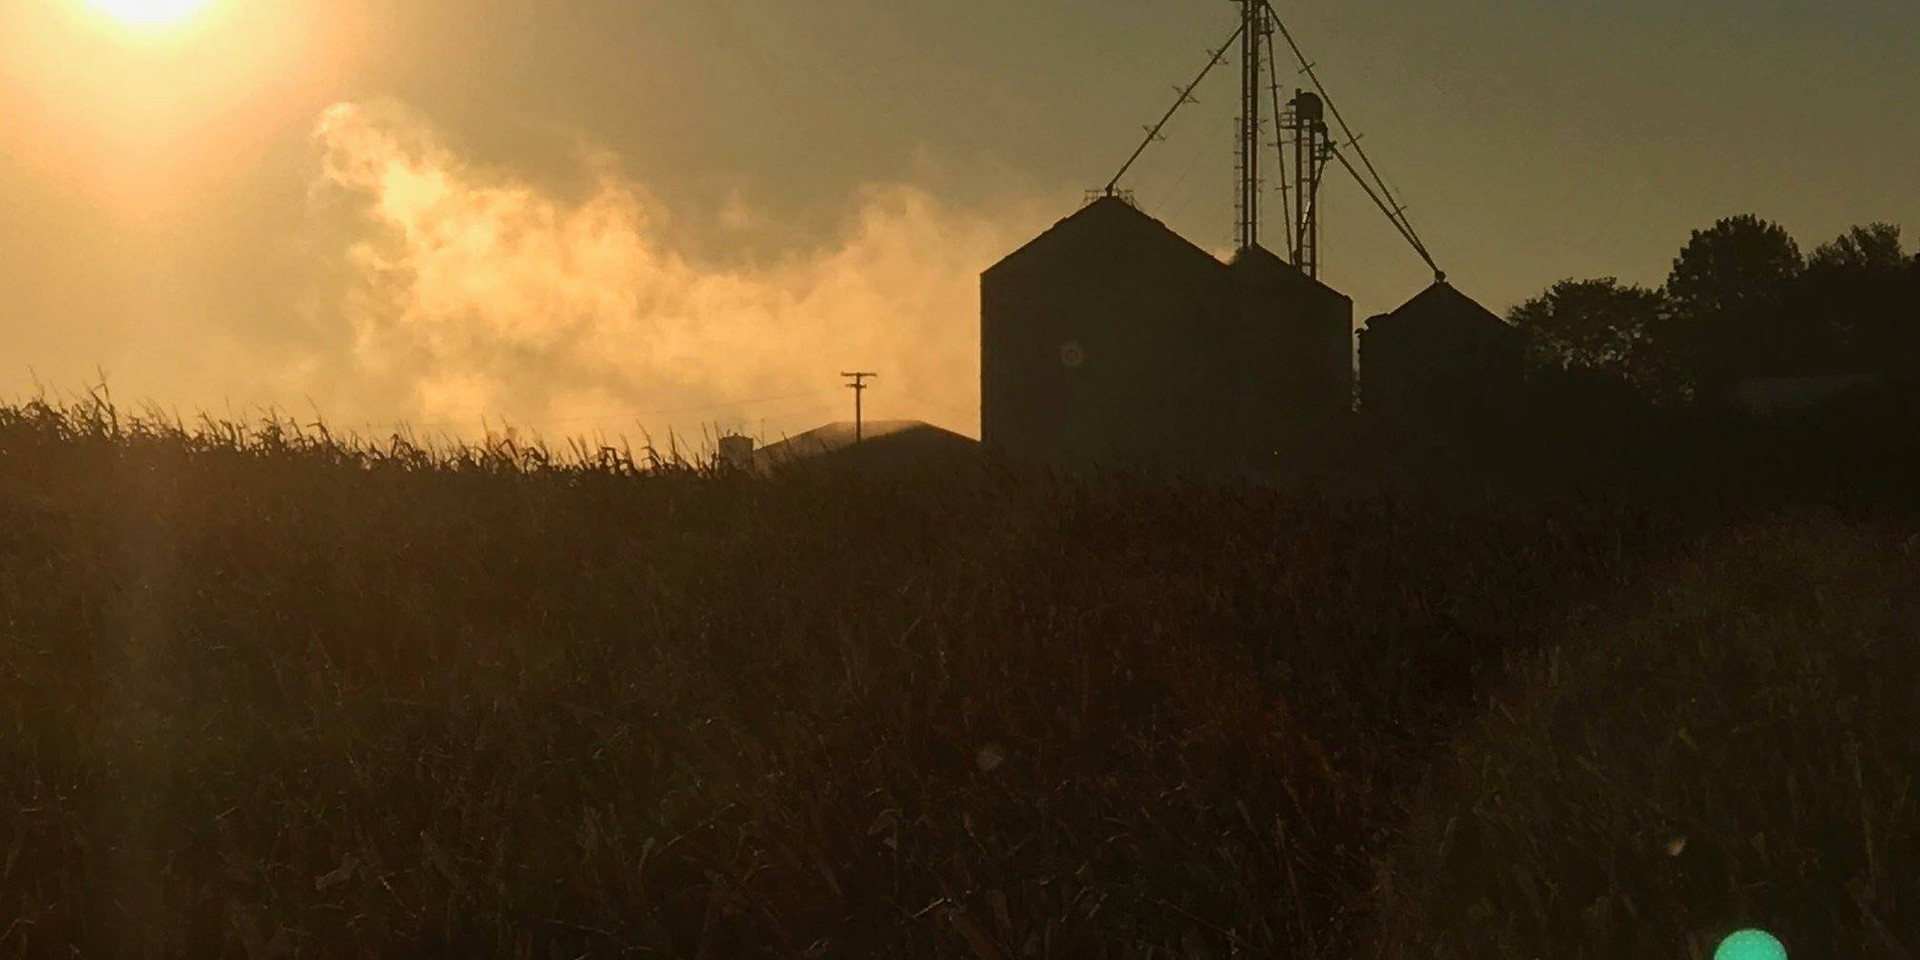 Sunrise on the Gramley Farm